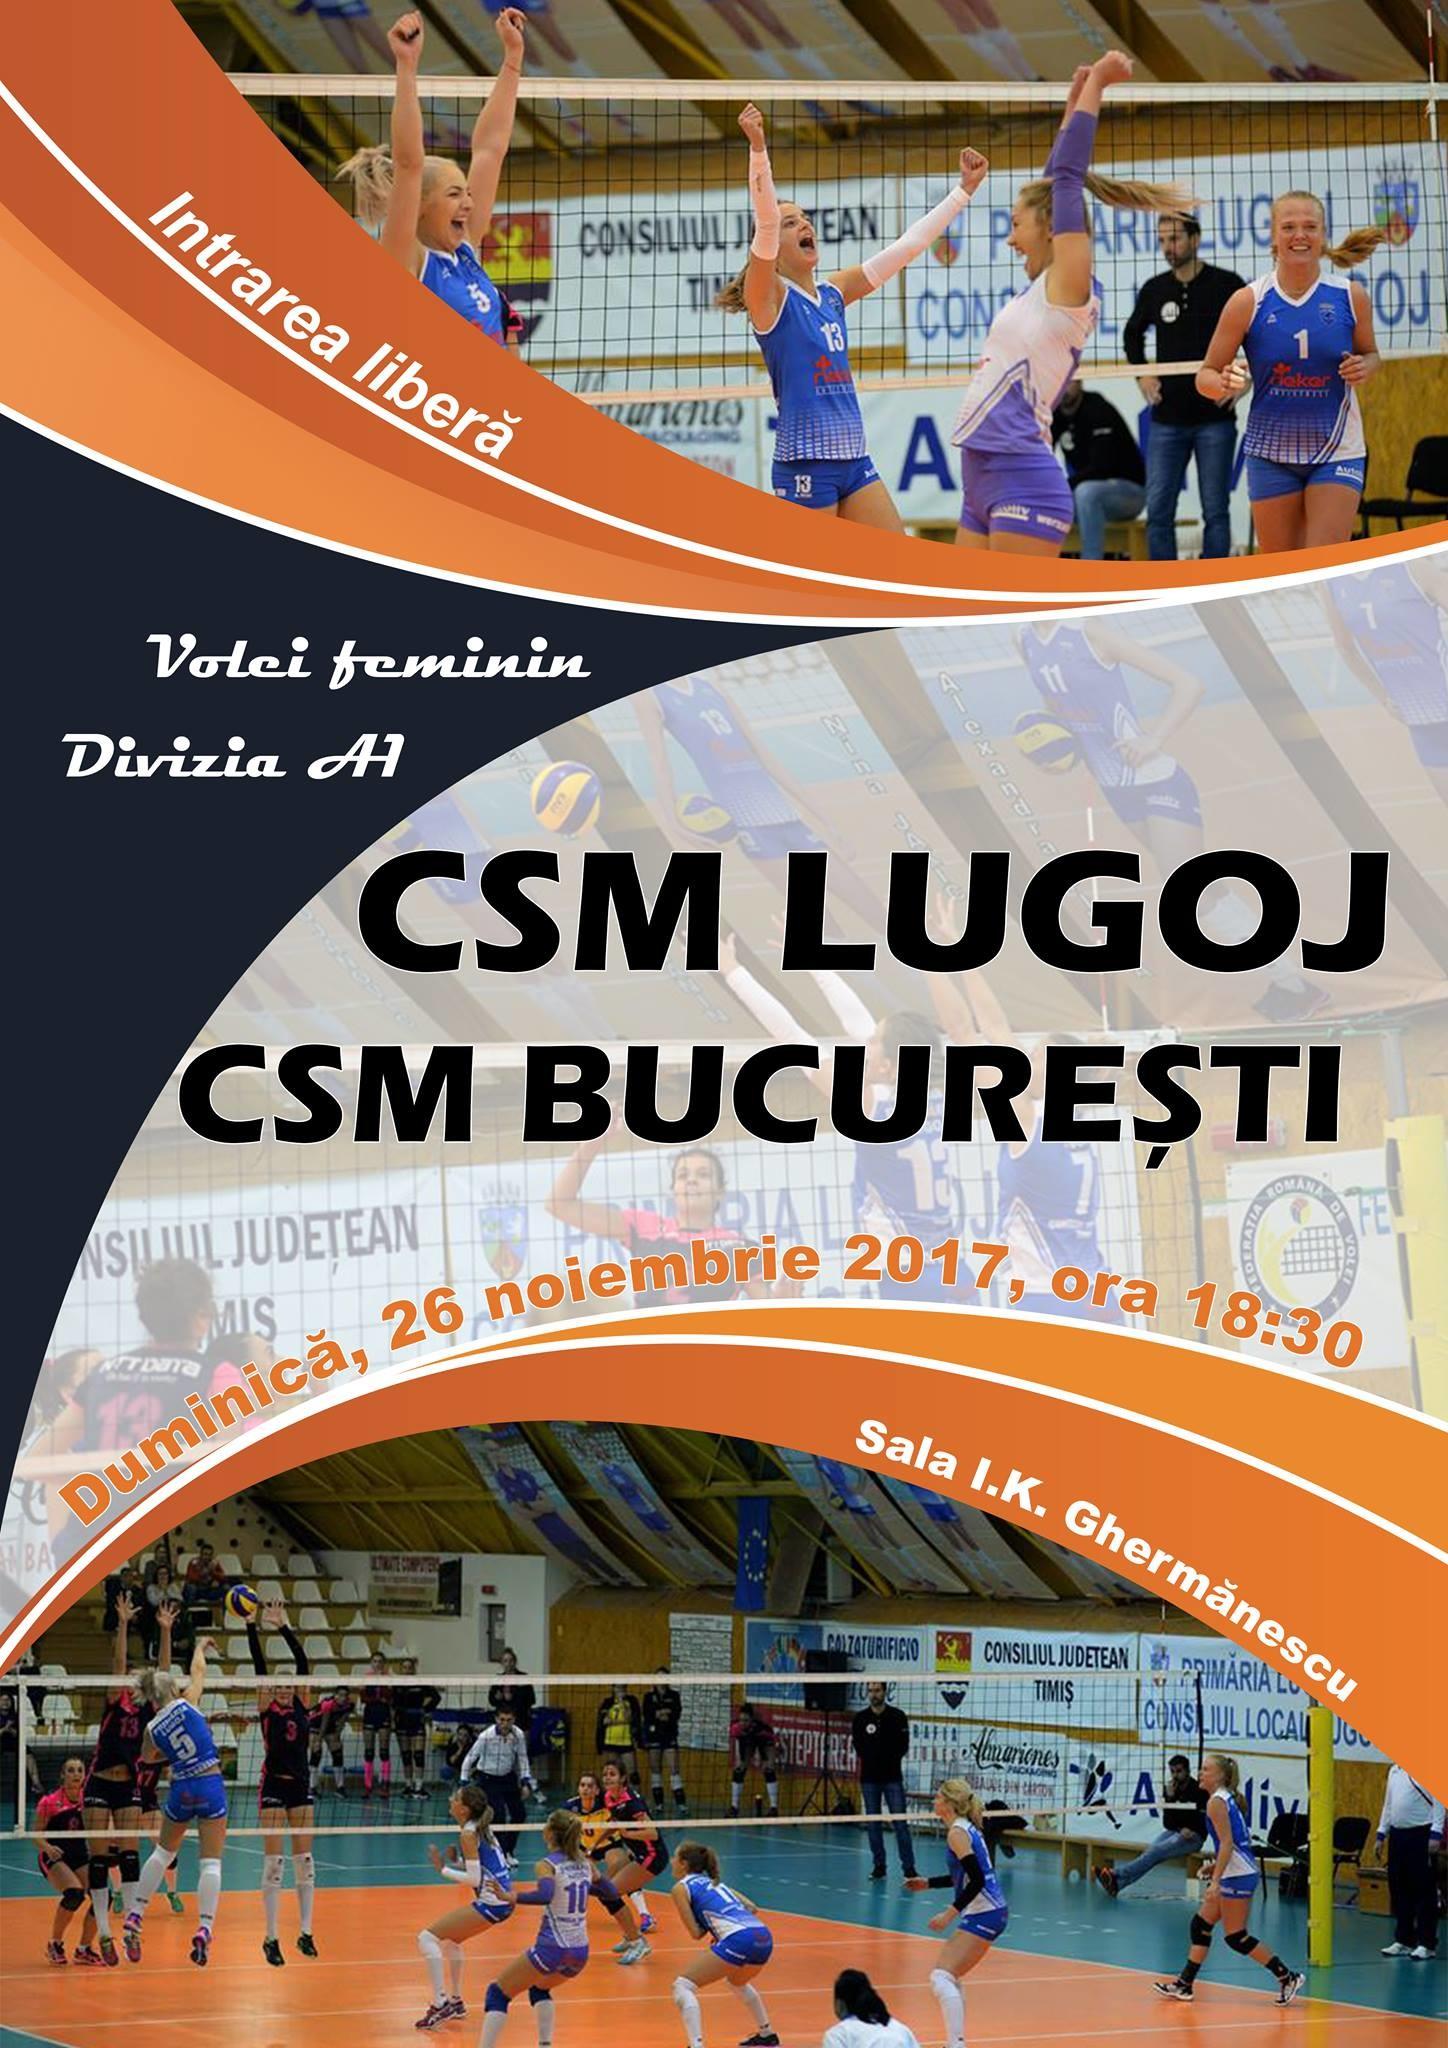 Lugoj Expres Spectacol voleibalistic: CSM Lugoj întâlnește liderul Diviziei A1 volei lider Divizia A1 CSM Lugoj CSM București